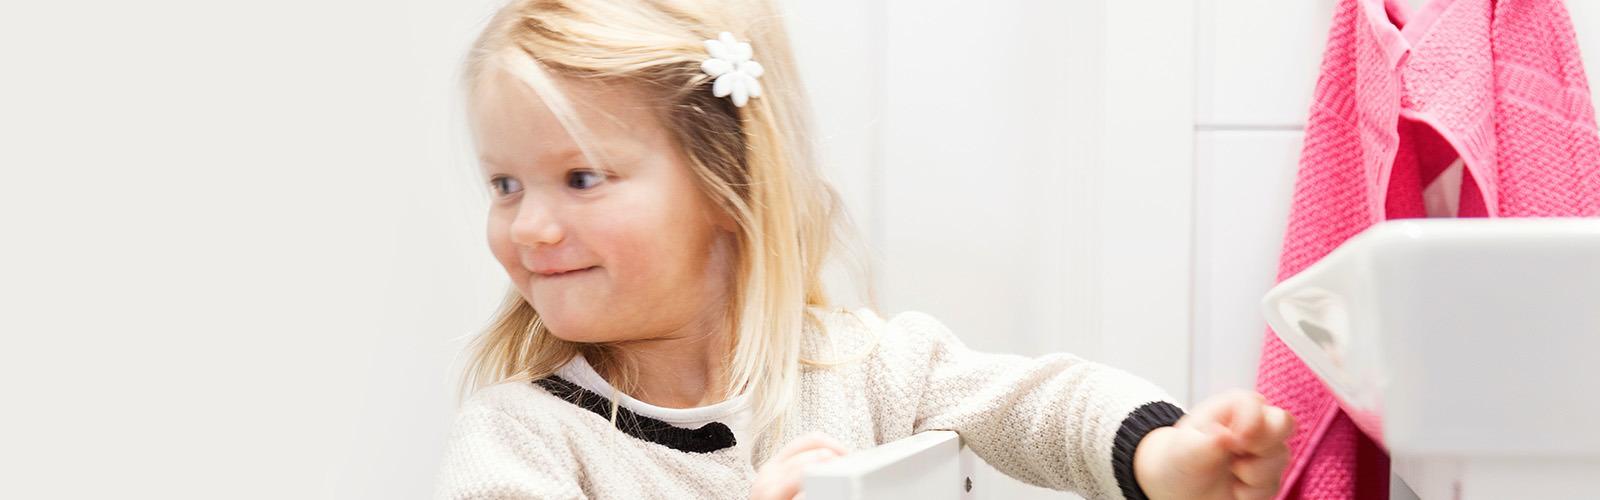 Nagajiva 3-letna deklica se obrne k nekomu med odpiranjem predala v kopalnici, ponosna, da lahko to sama naredi.